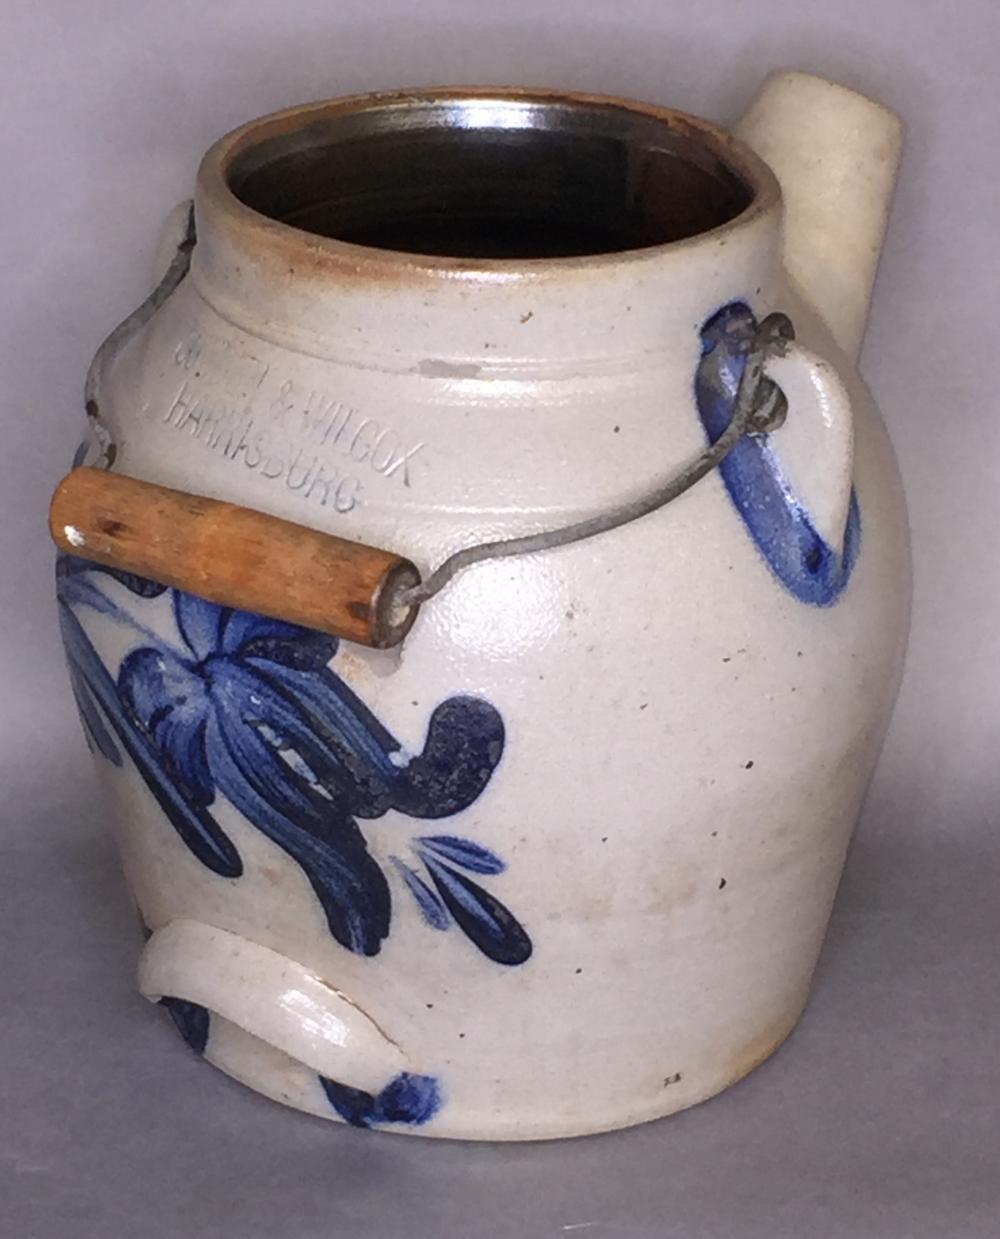 Cobalt decorated Cowden & Wilcox stoneware batter jug